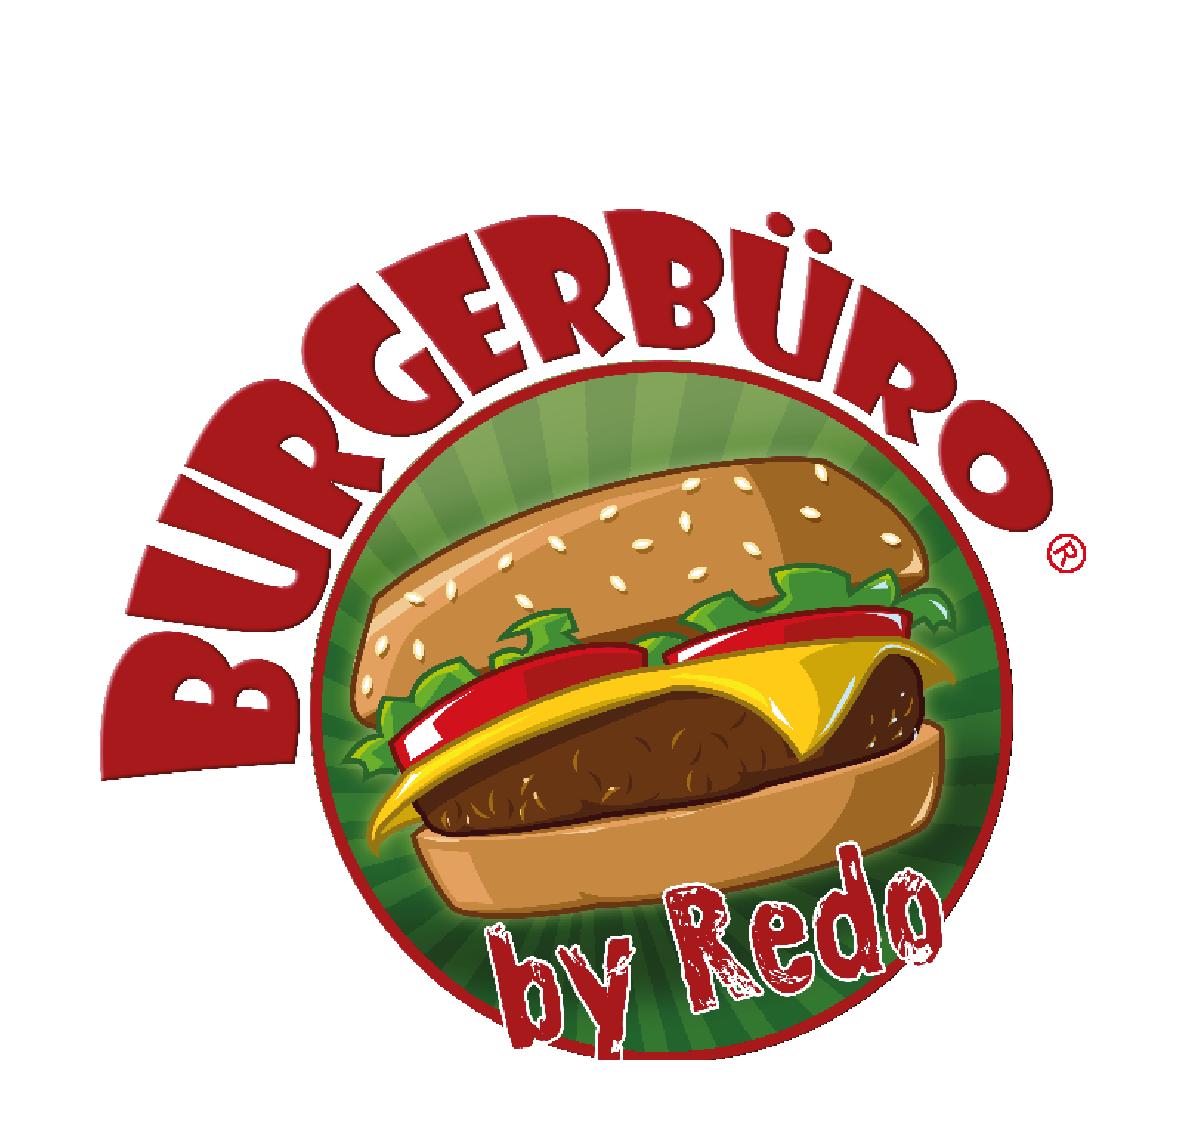 Burgerbüro by Redo